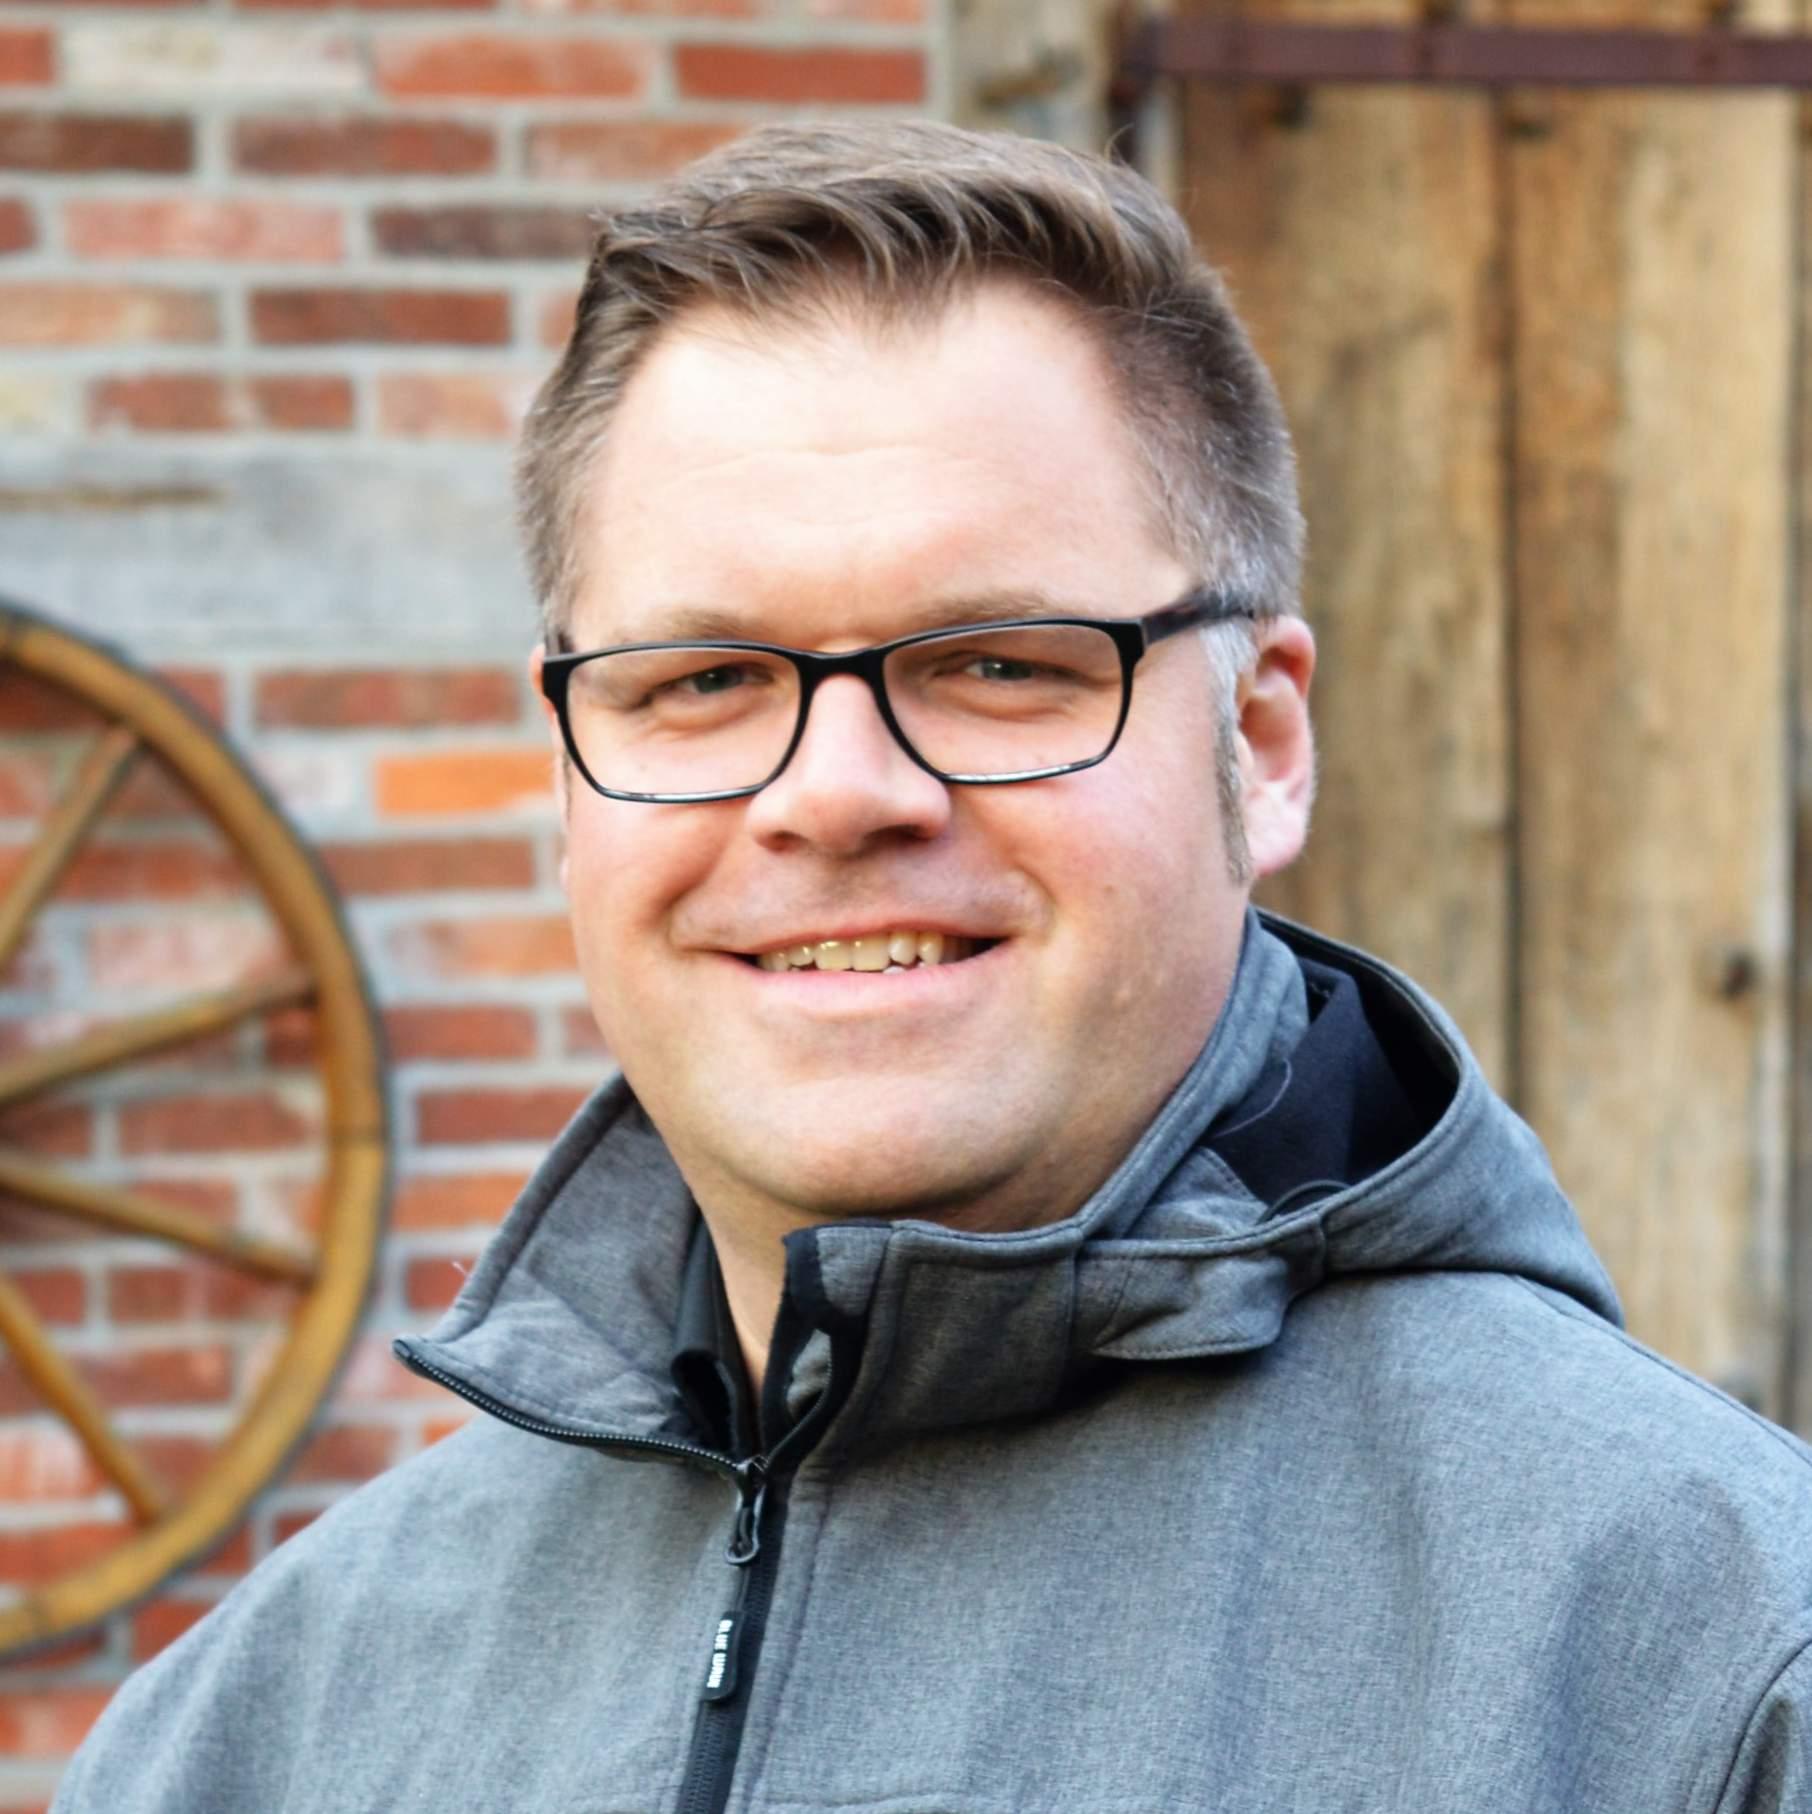 Marco Strodt-Dieckmann